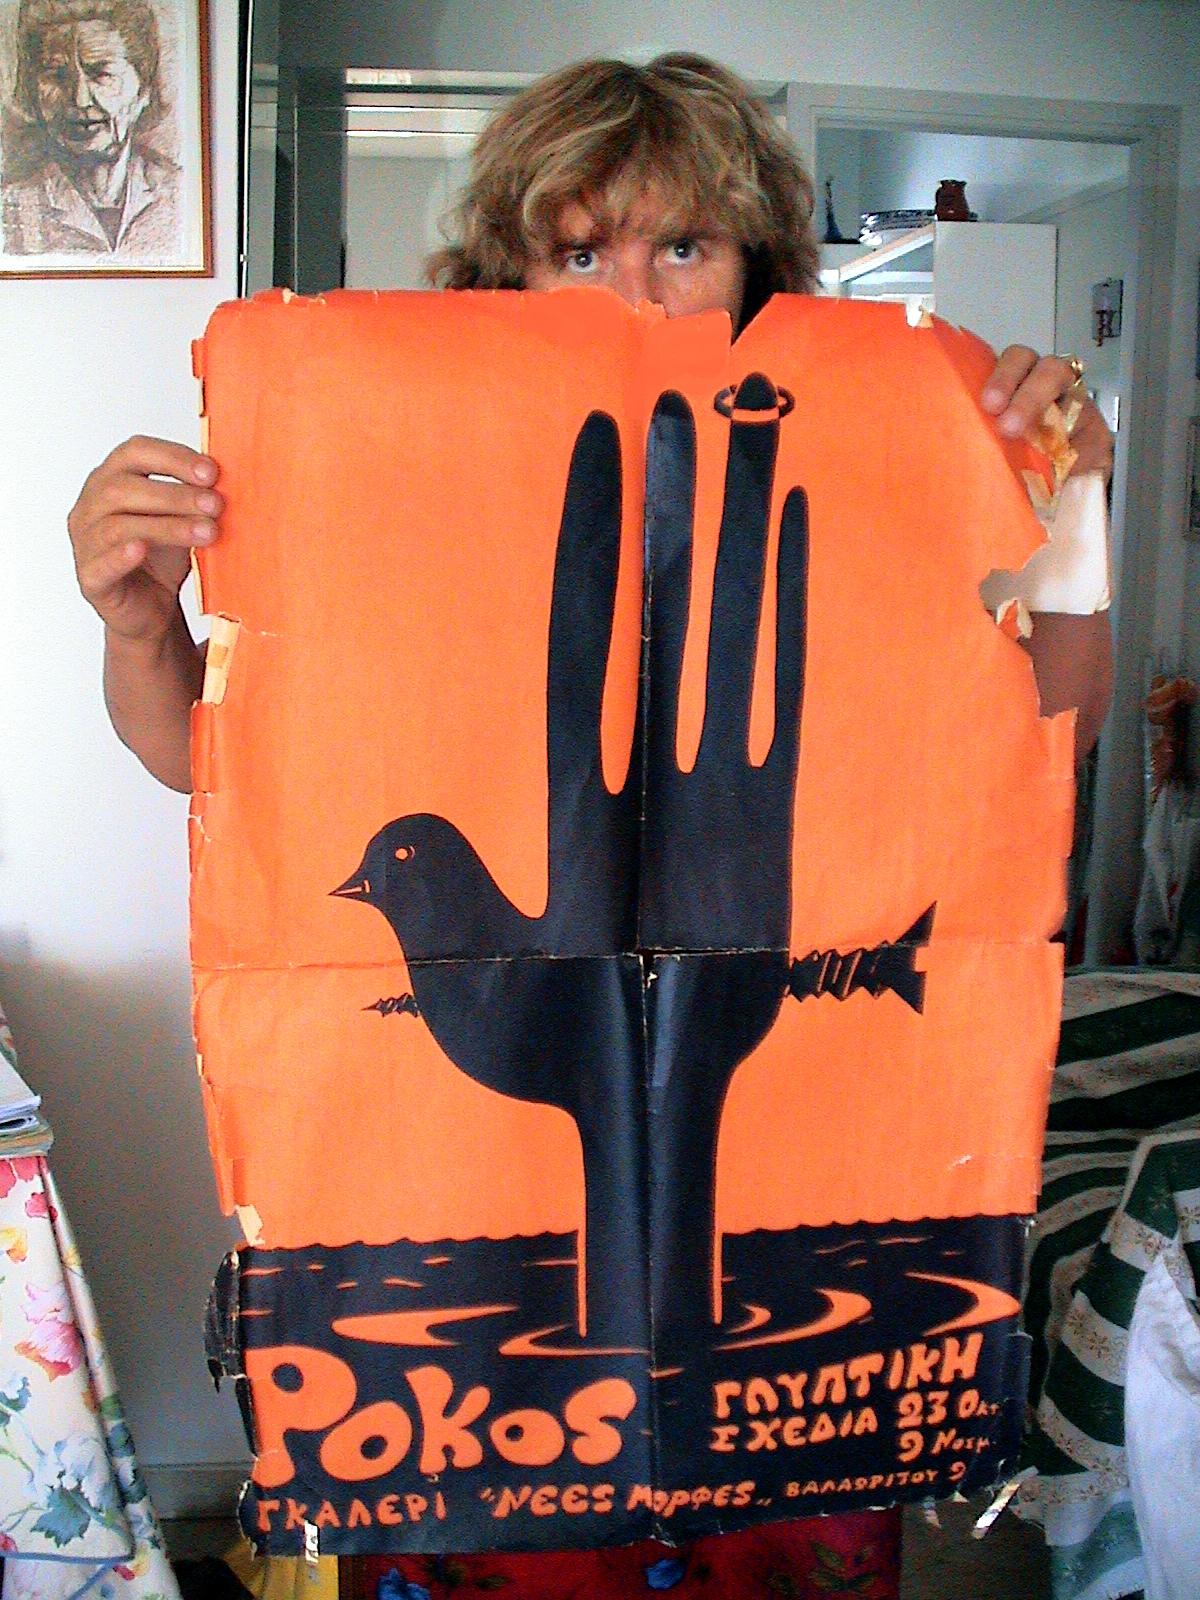 Η Λαοκρατία Λάκκα, στο σπίτι της, κρατά αφίσα με το Περιστέρι της Ειρήνης